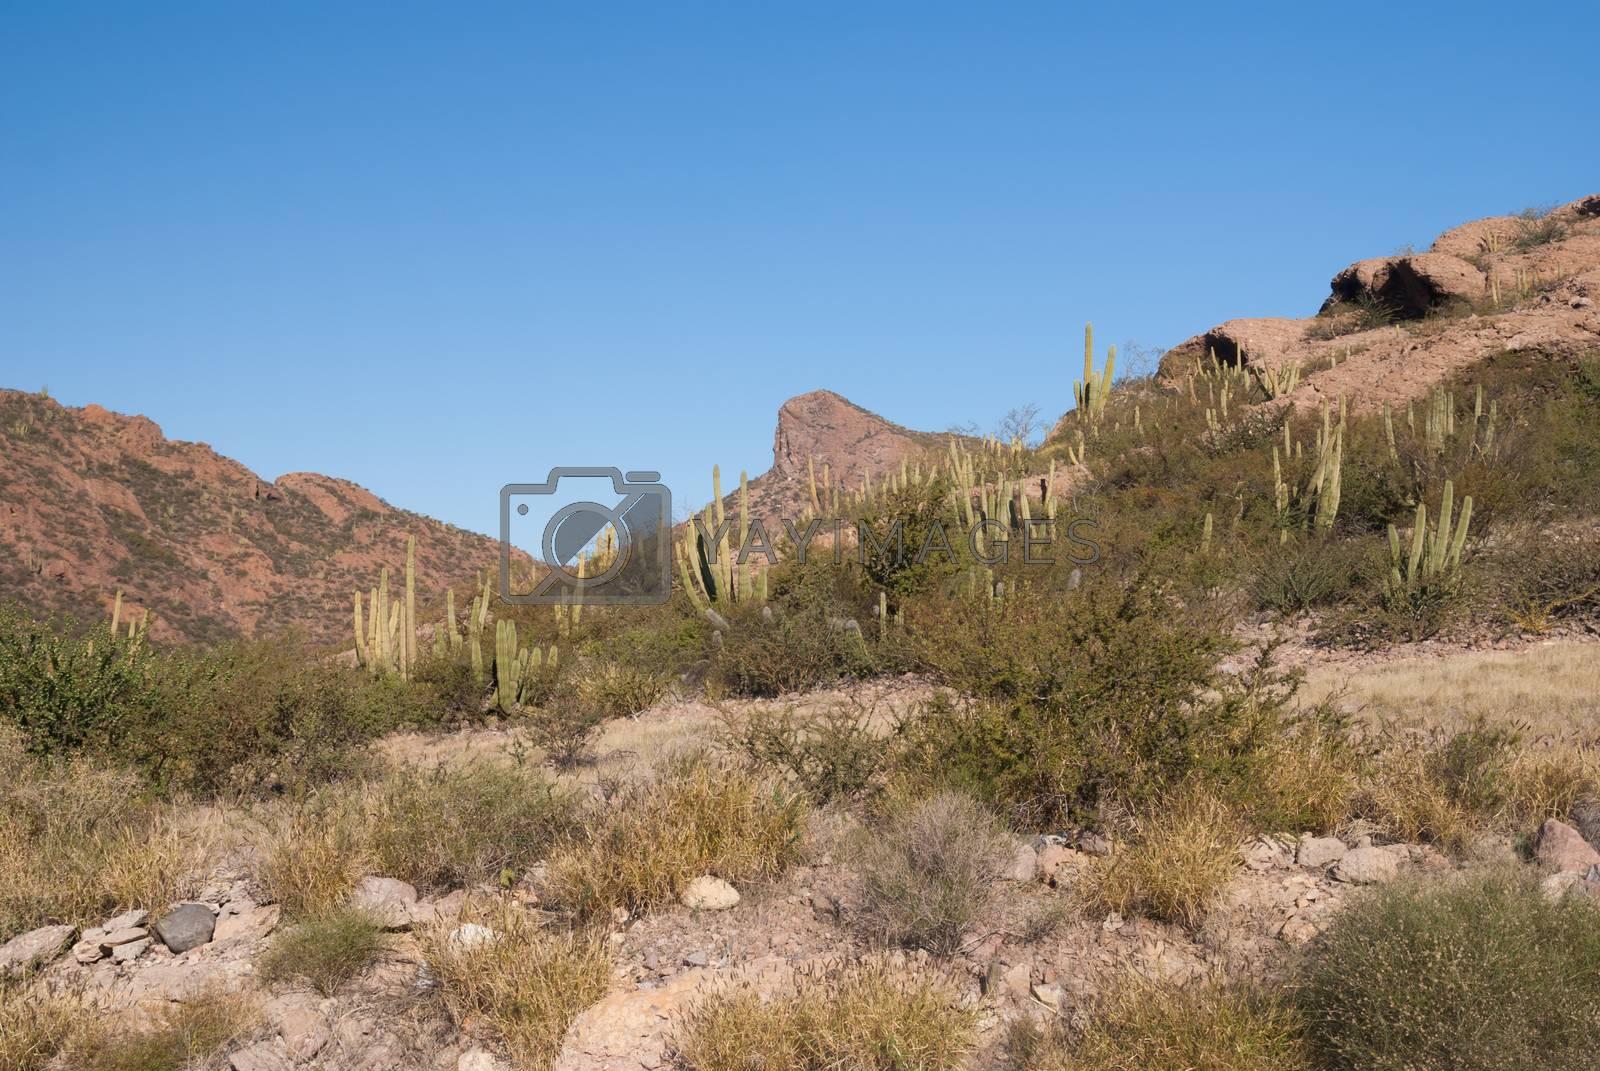 Desert Organpipe cactus by emattil